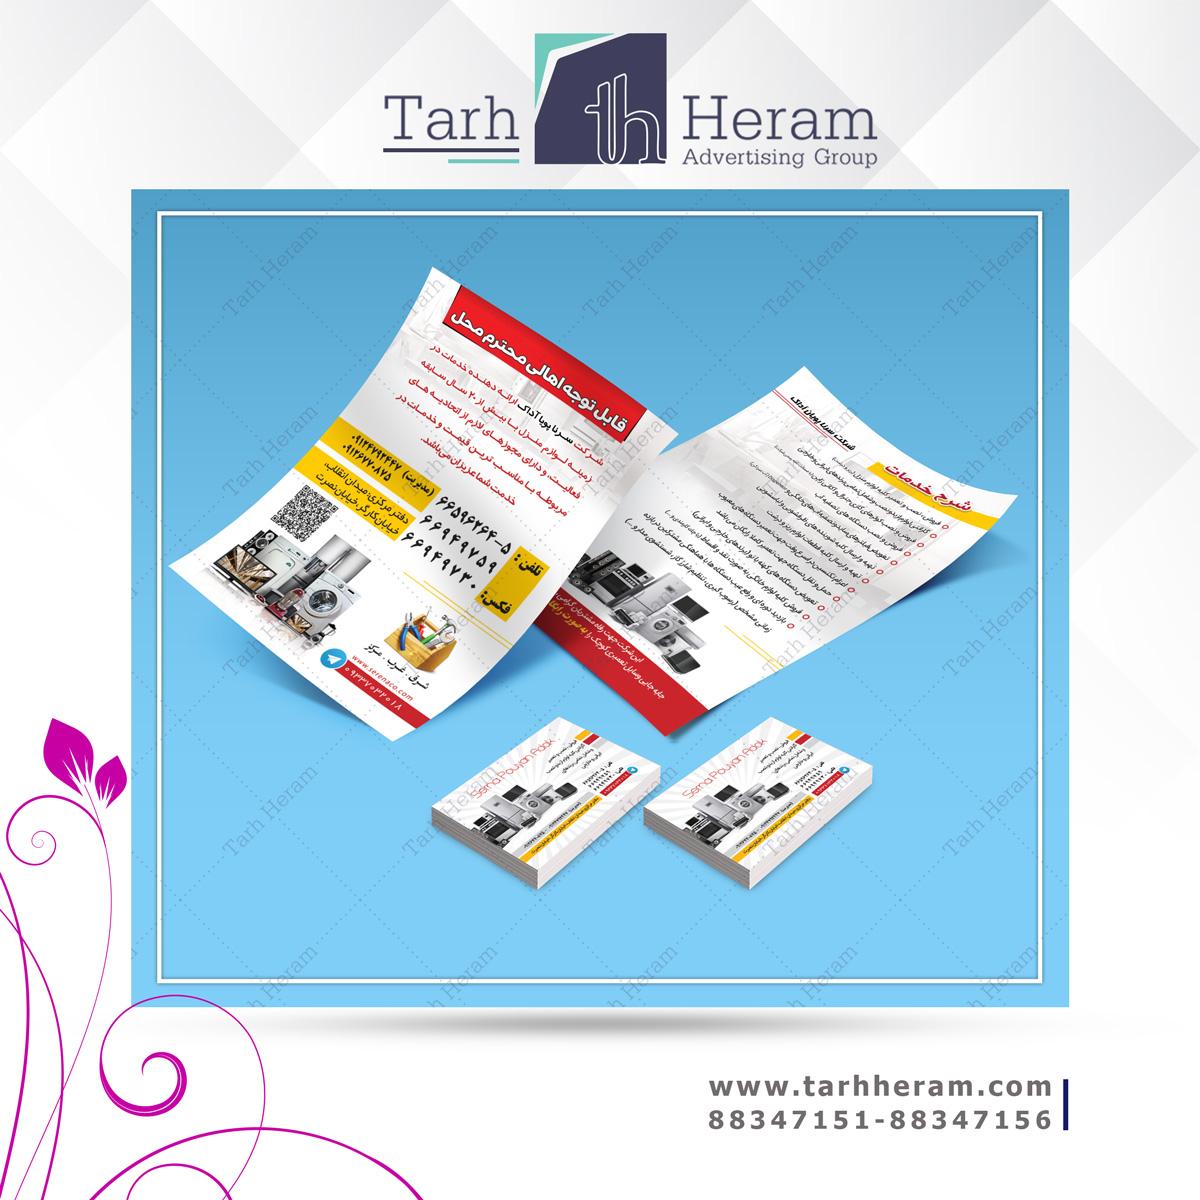 طراحی و چاپ تراکت و کارت ویزیت شرکت سرنا پویان آداک